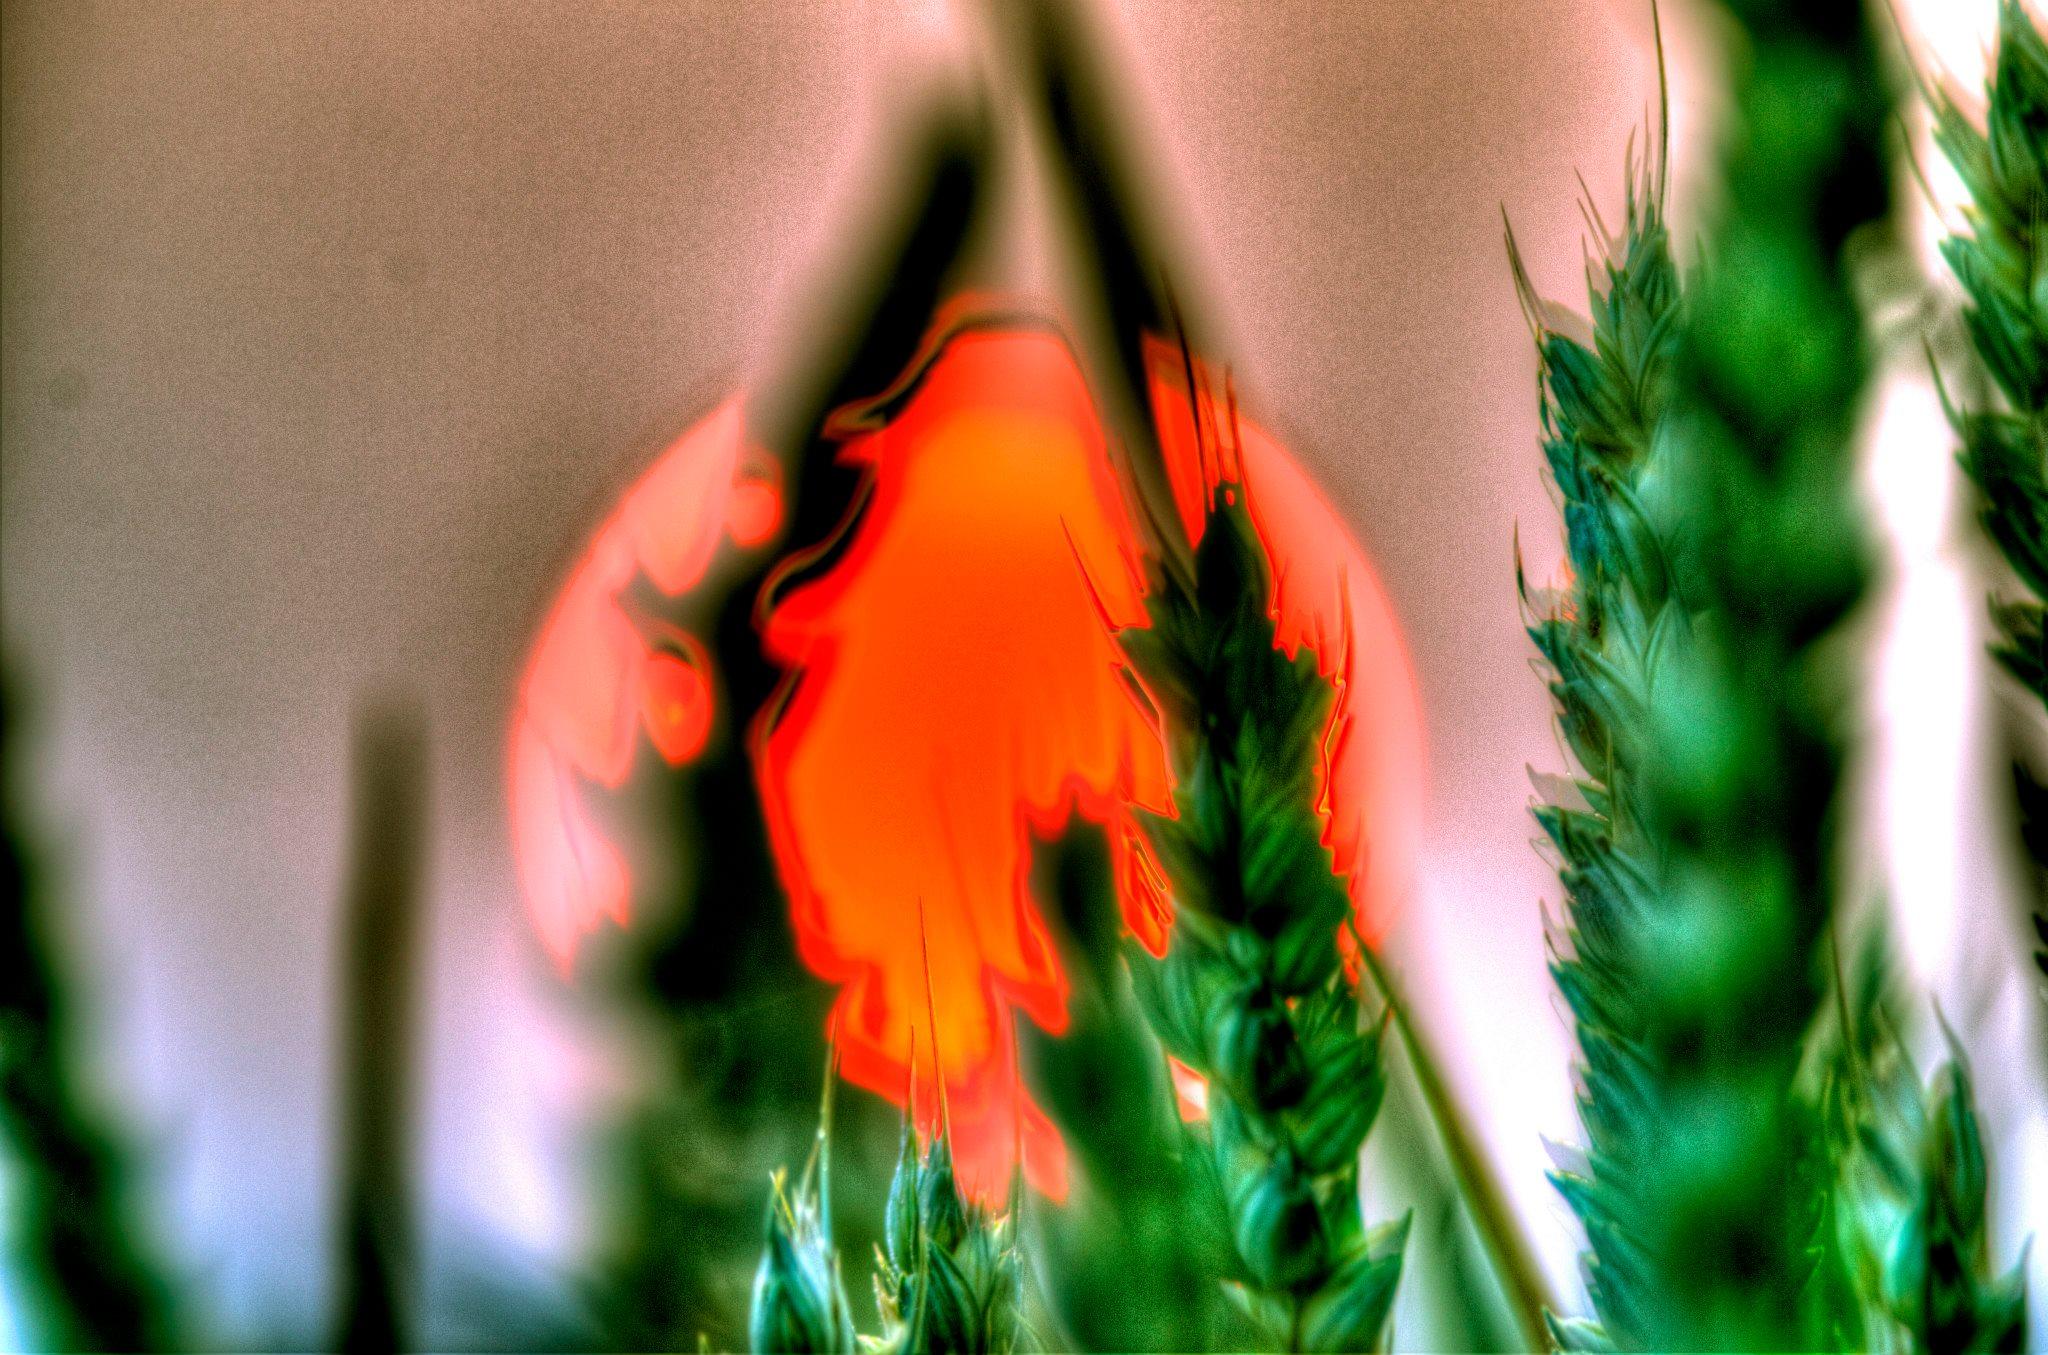 Събуждане на чакрите: Йога-нидра за вътрешен баланс и преход към нови енергийни честоти